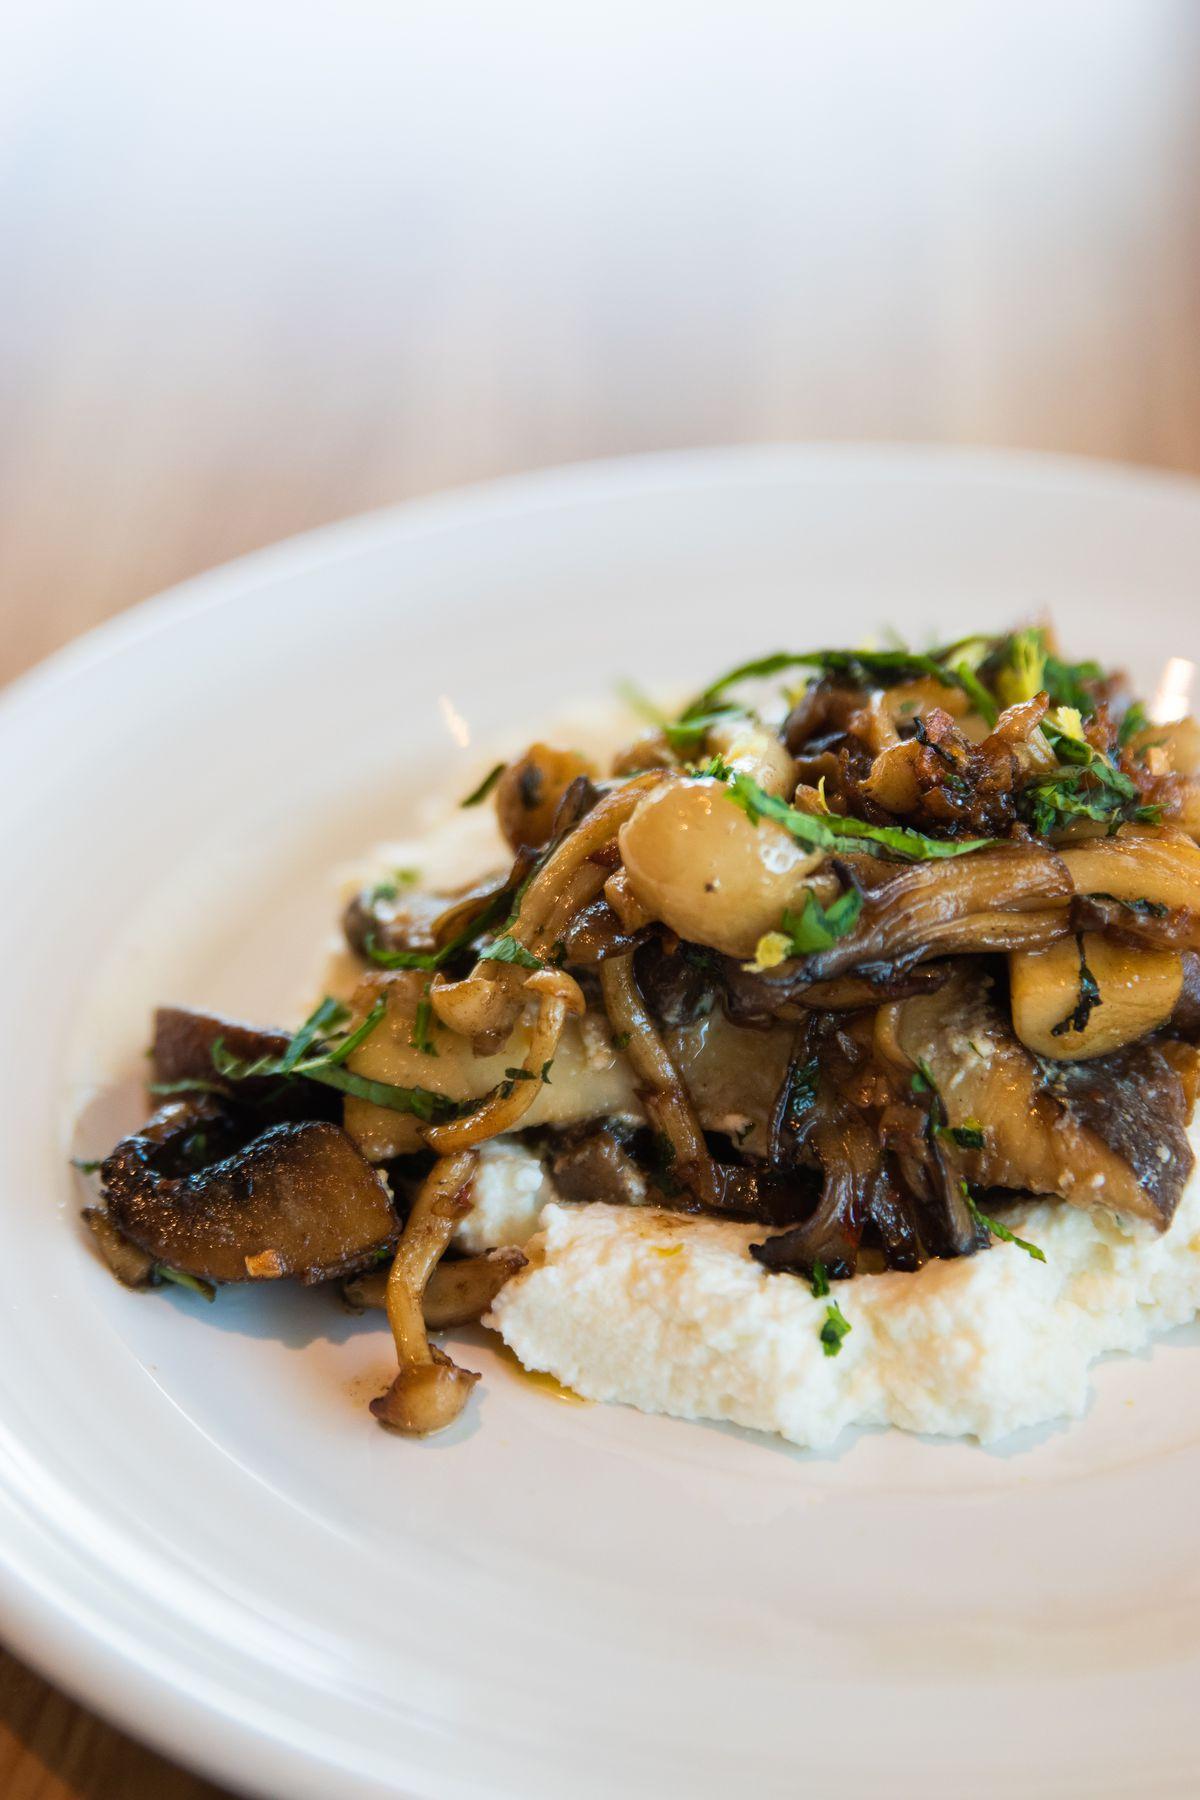 The mushroom ricotta at Cookbook Cafe